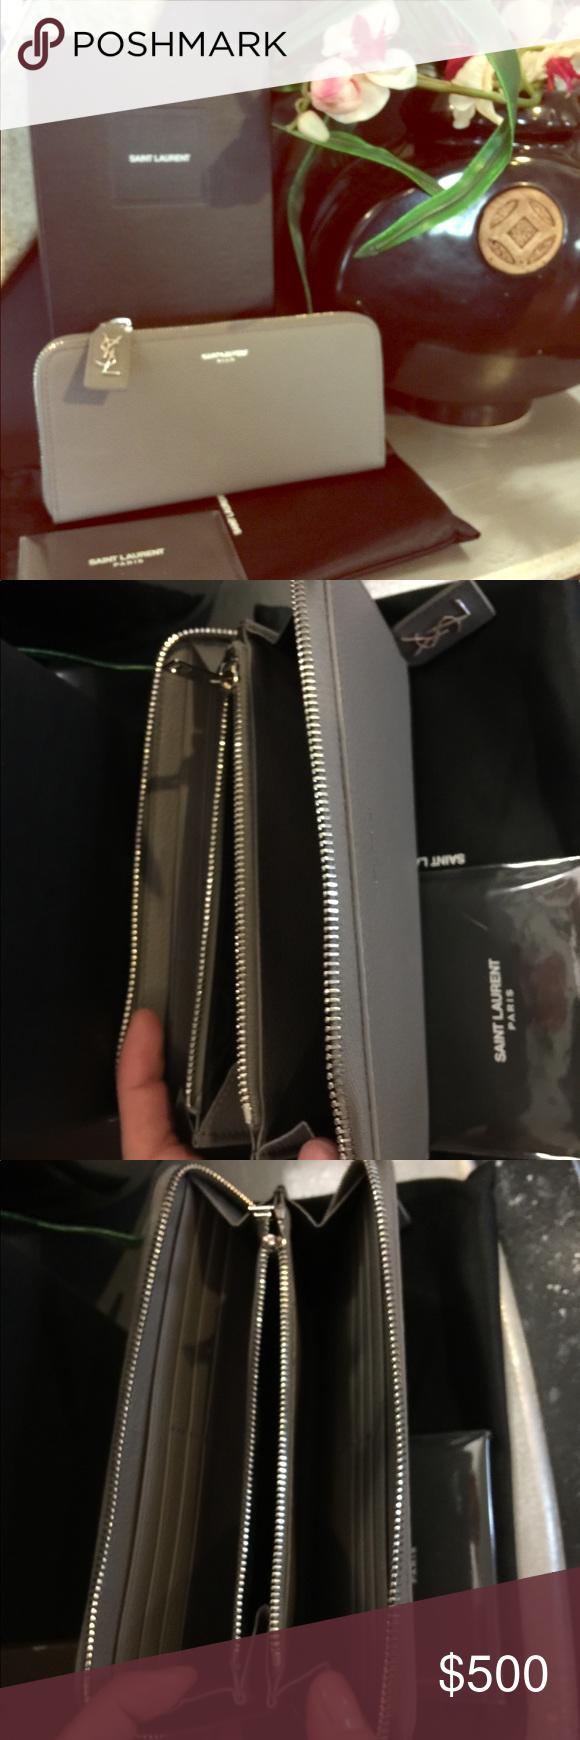 312008a13d Authentic YSL Rive Gauche Zip Around Wallet Saint Laurent's Rive ...